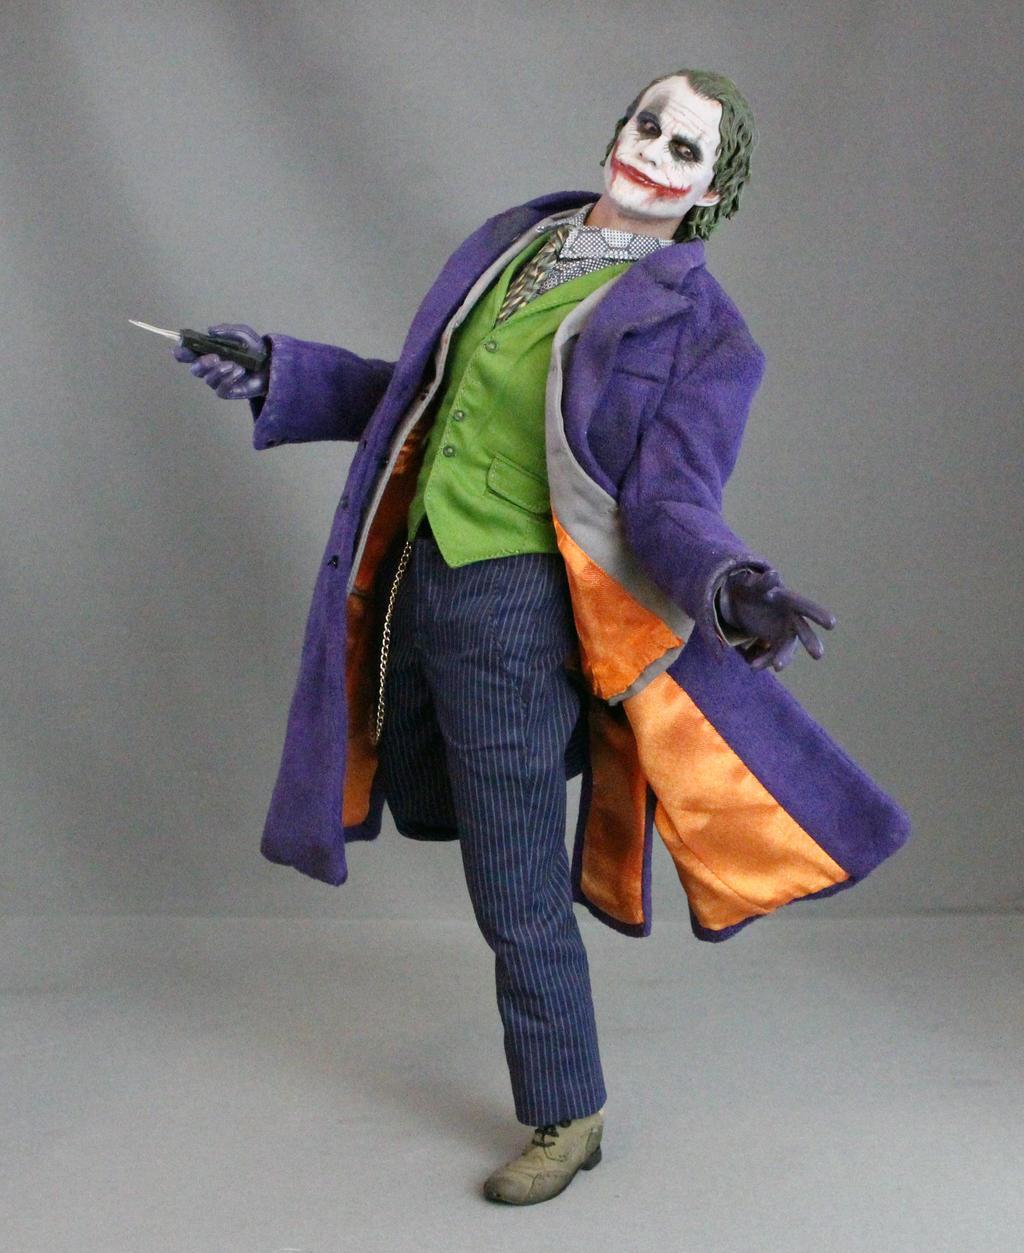 Hot Toys Joker Dx 40